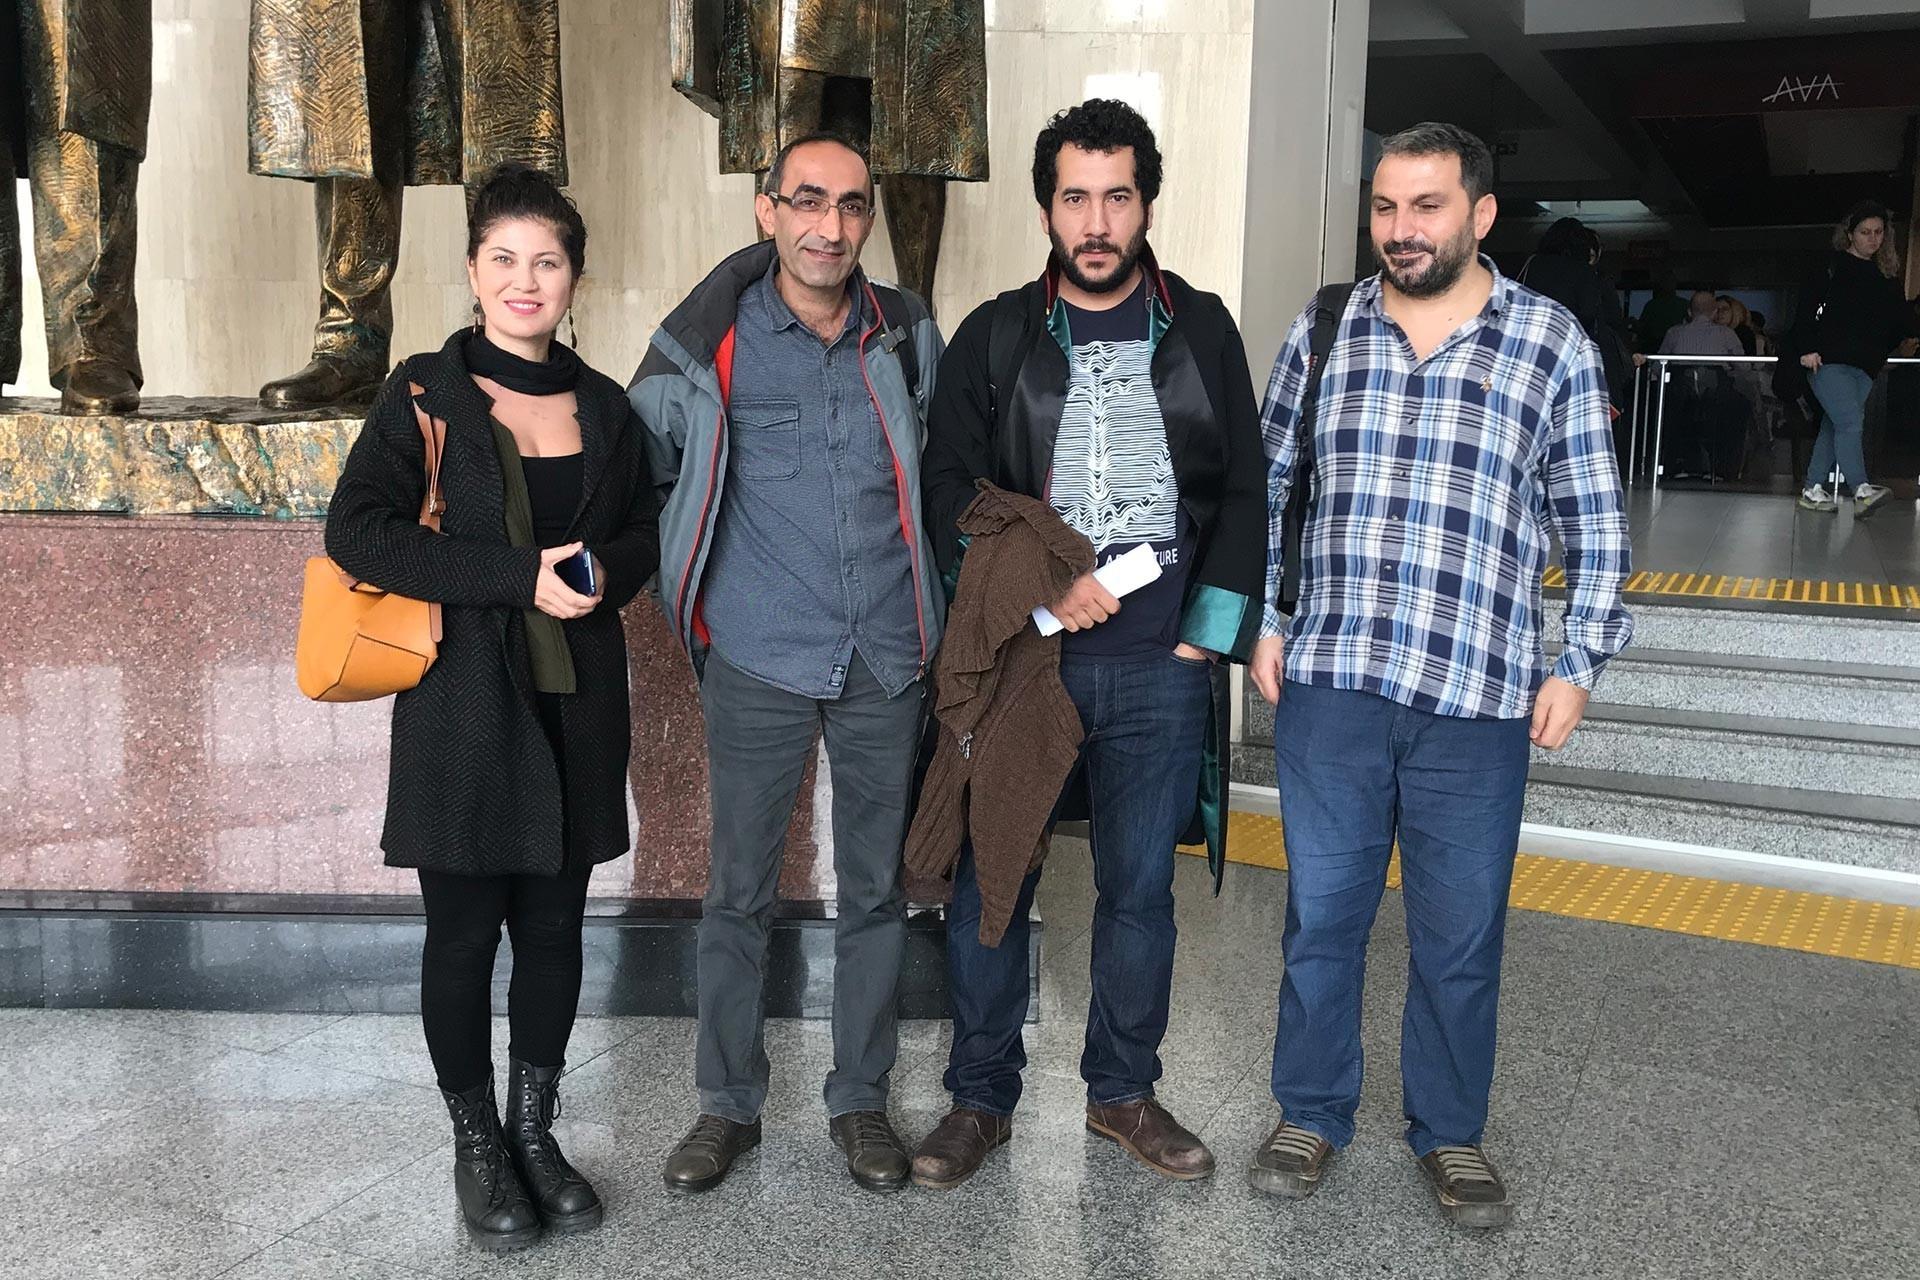 Fatih Polat'a dair beraat kararı verilmesinin ardından Evrensel Gazetesi Editörü Çağrı Sarı, Fatih Polat, Avukat Mustafa Söğütlü ve Evrensel Gazetesi Editörü Şerif Karataş kameralara poz verirken